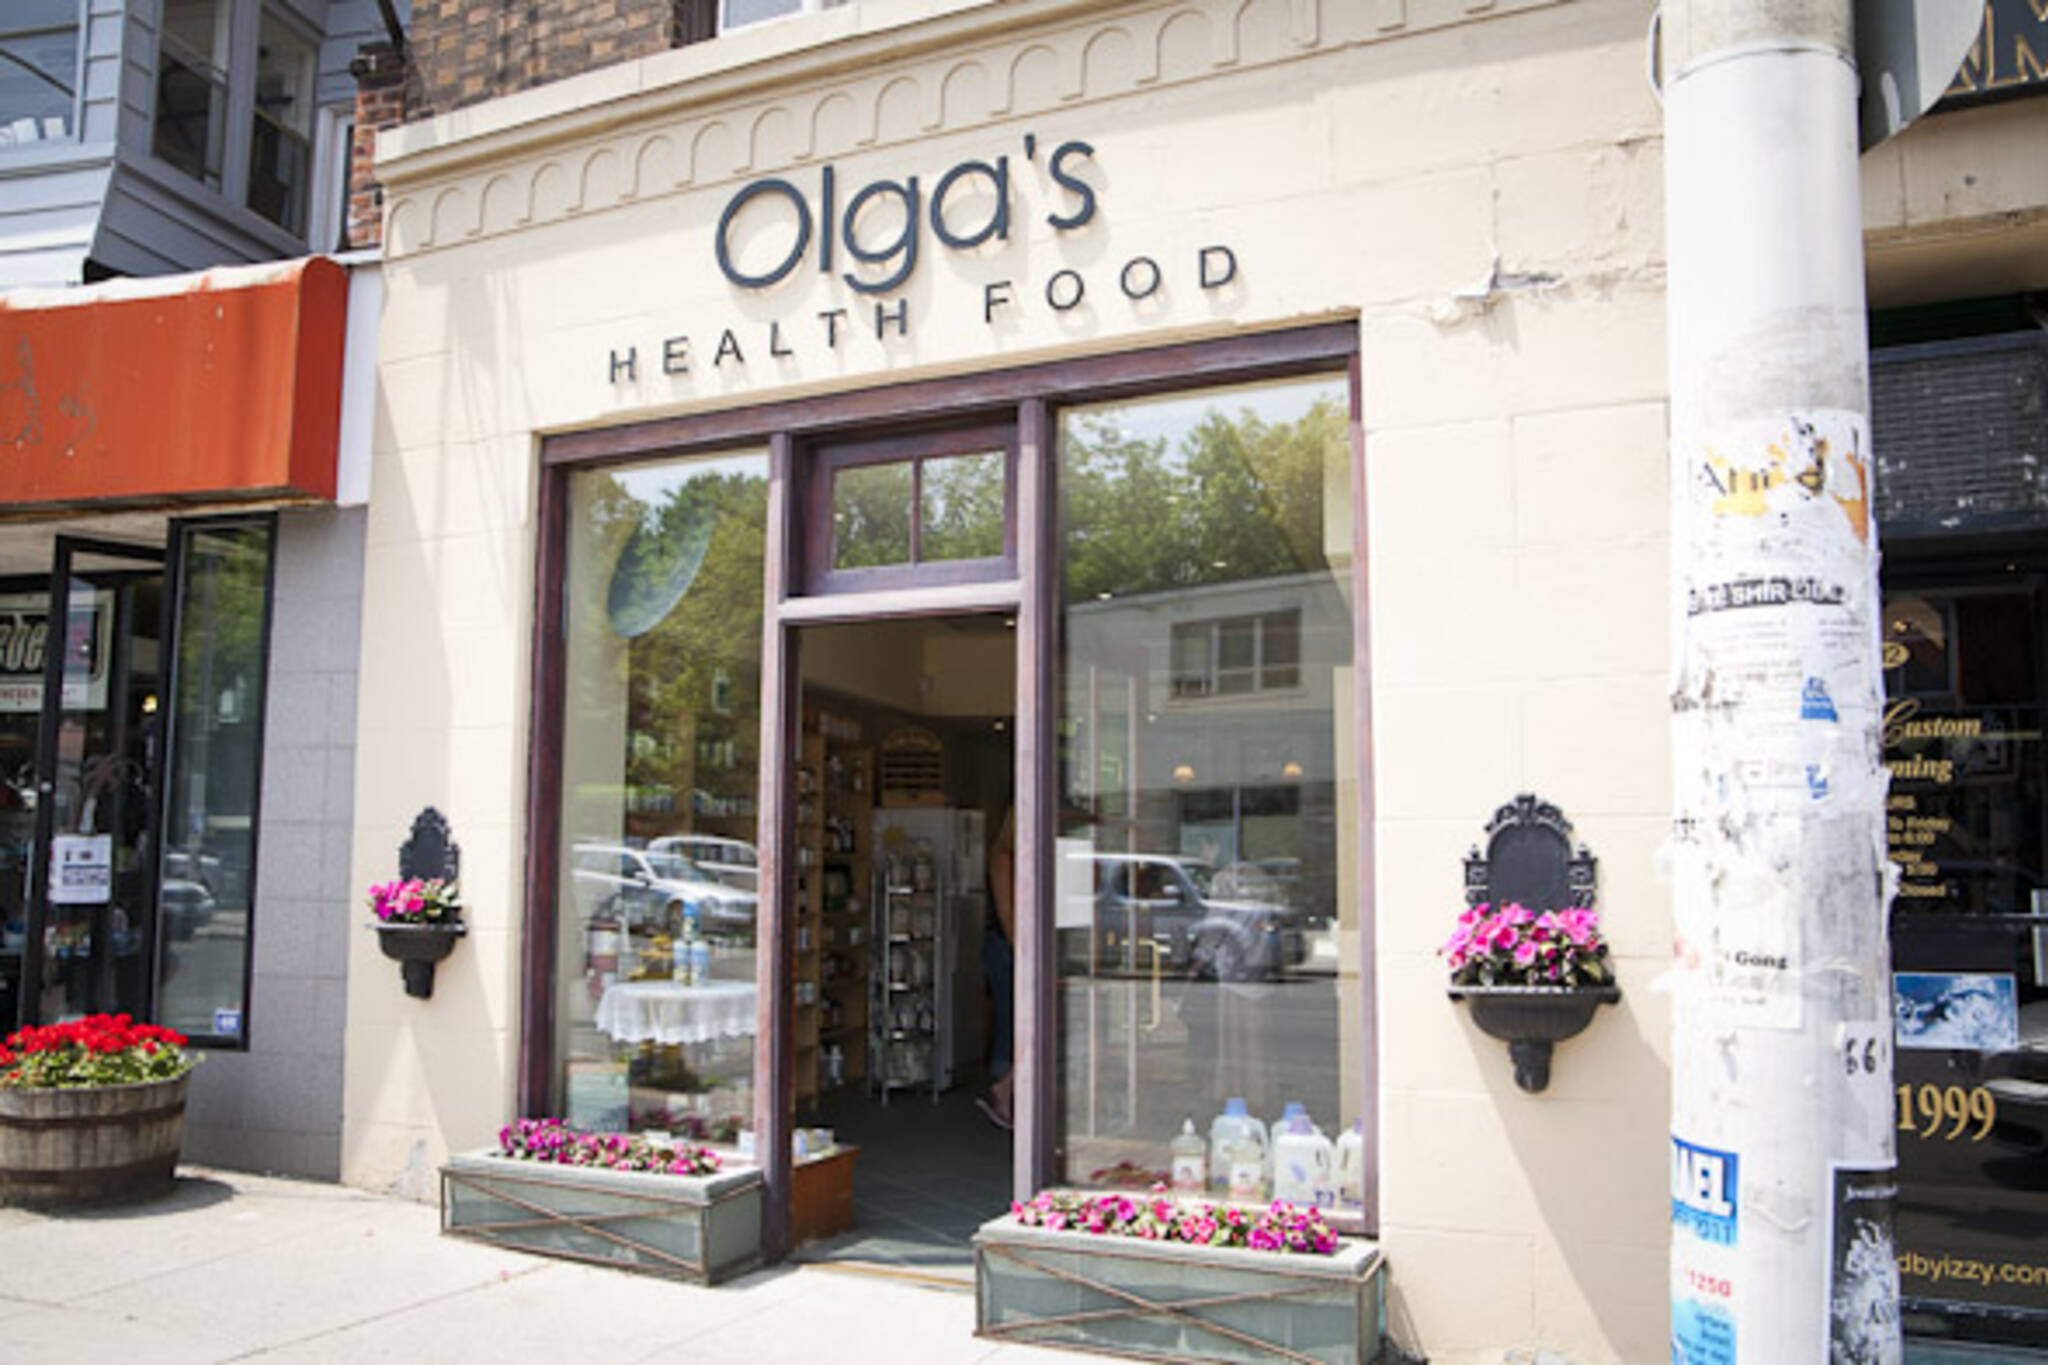 Olgas Health Food